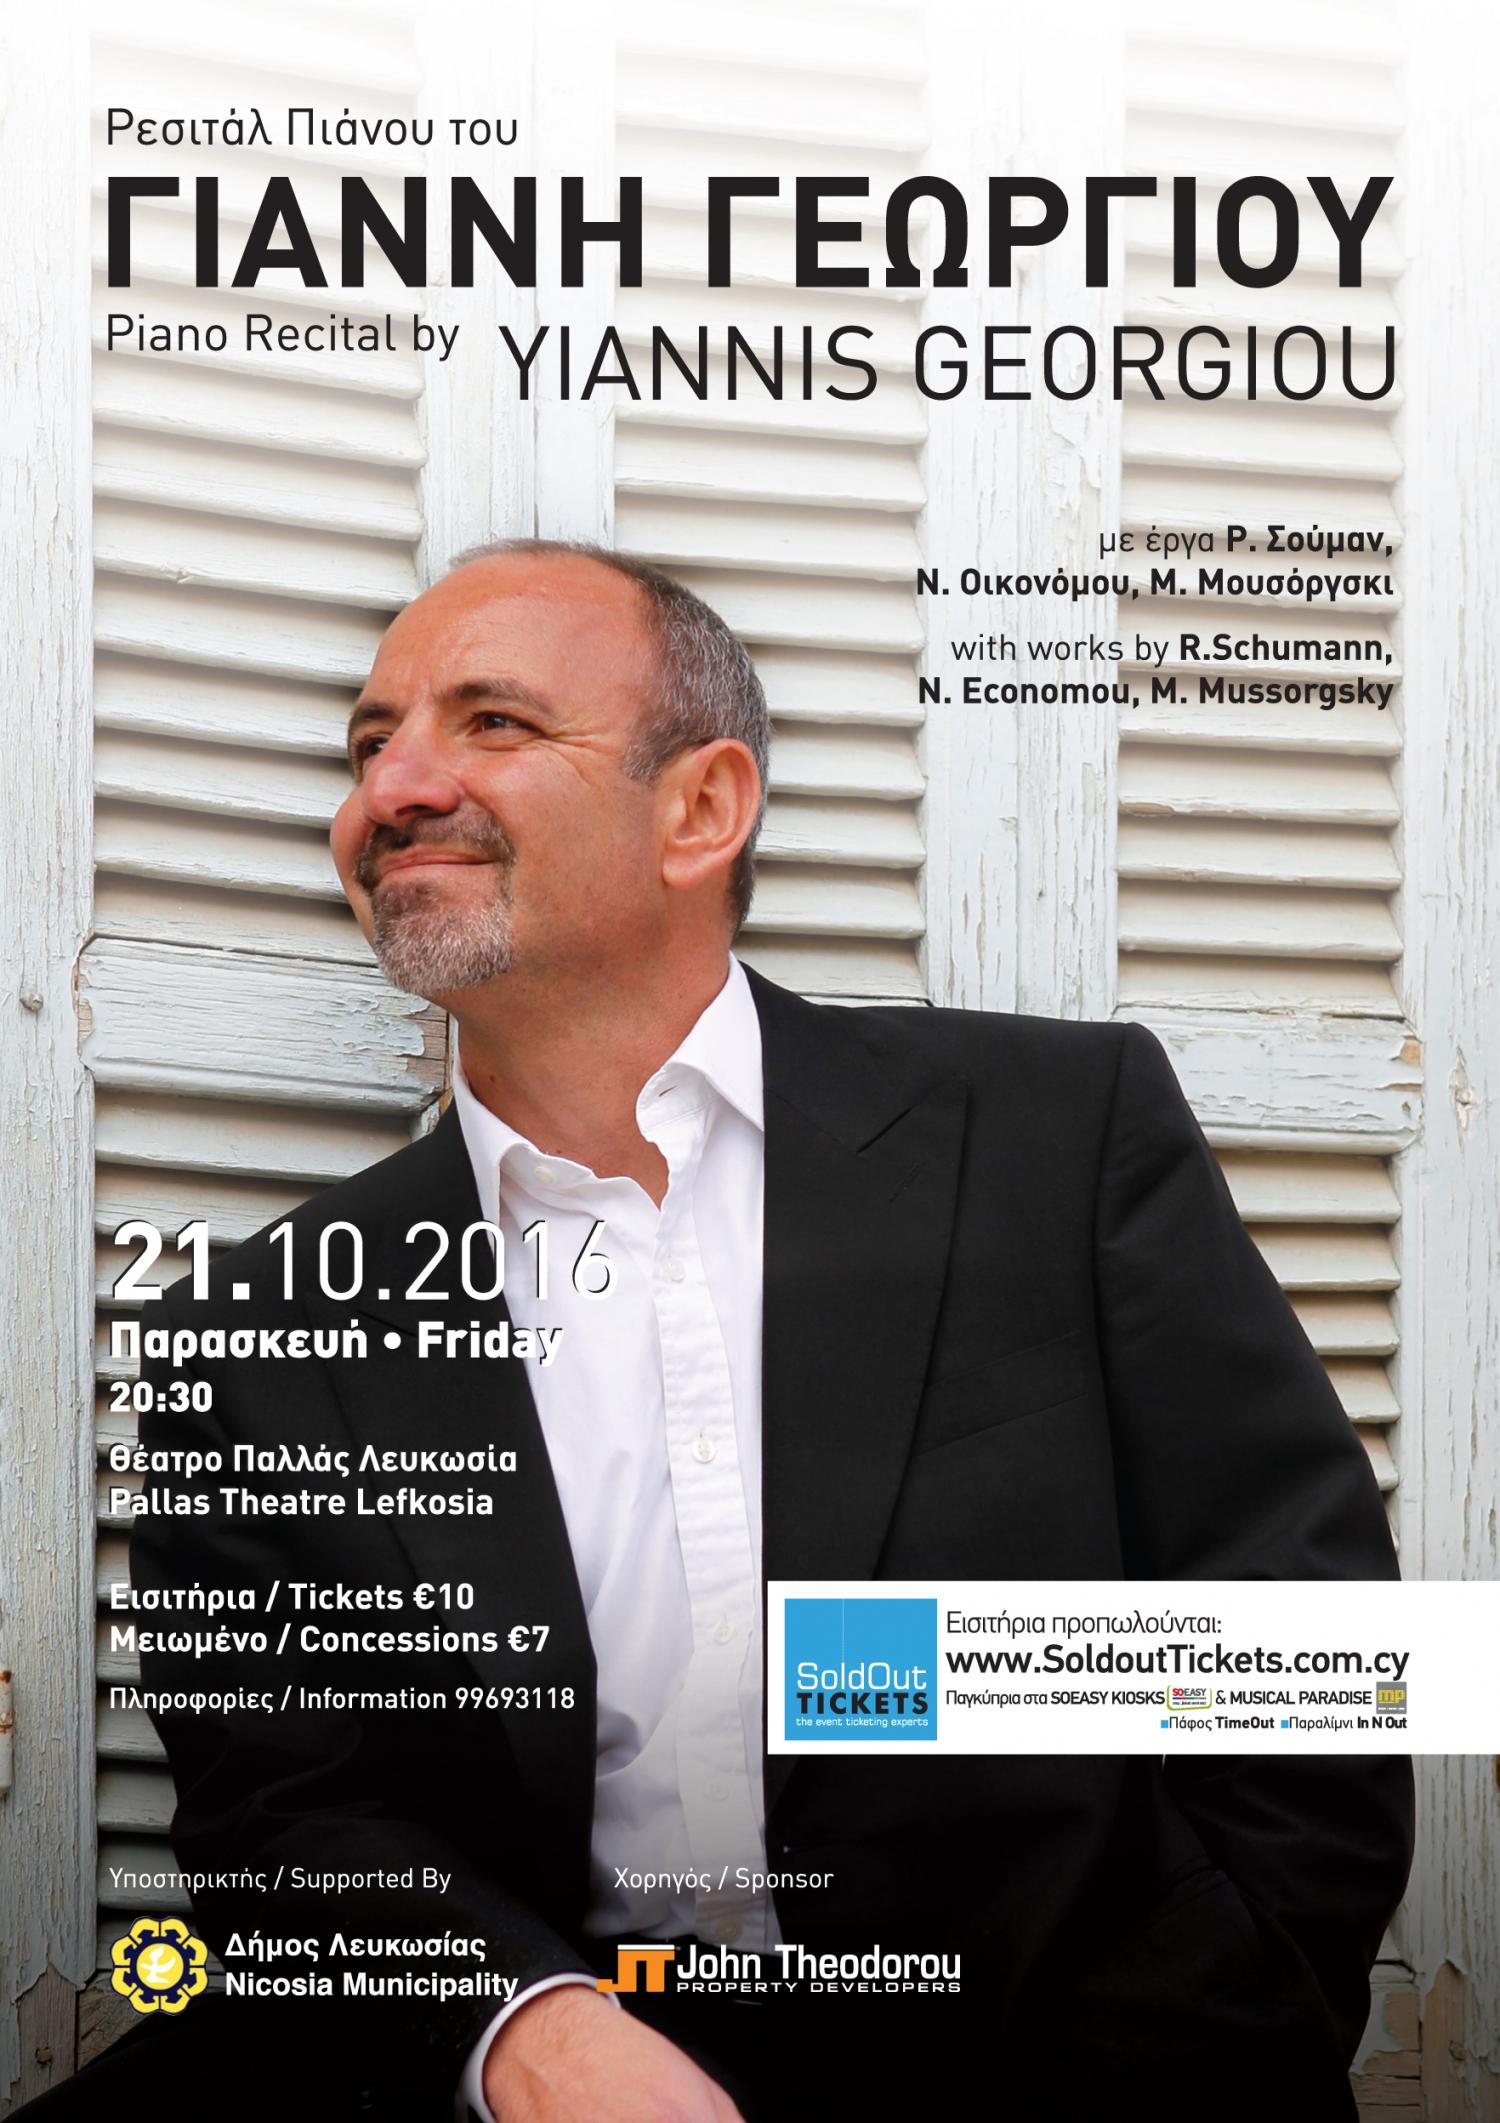 Piano Recital by Yiannis Georgiou